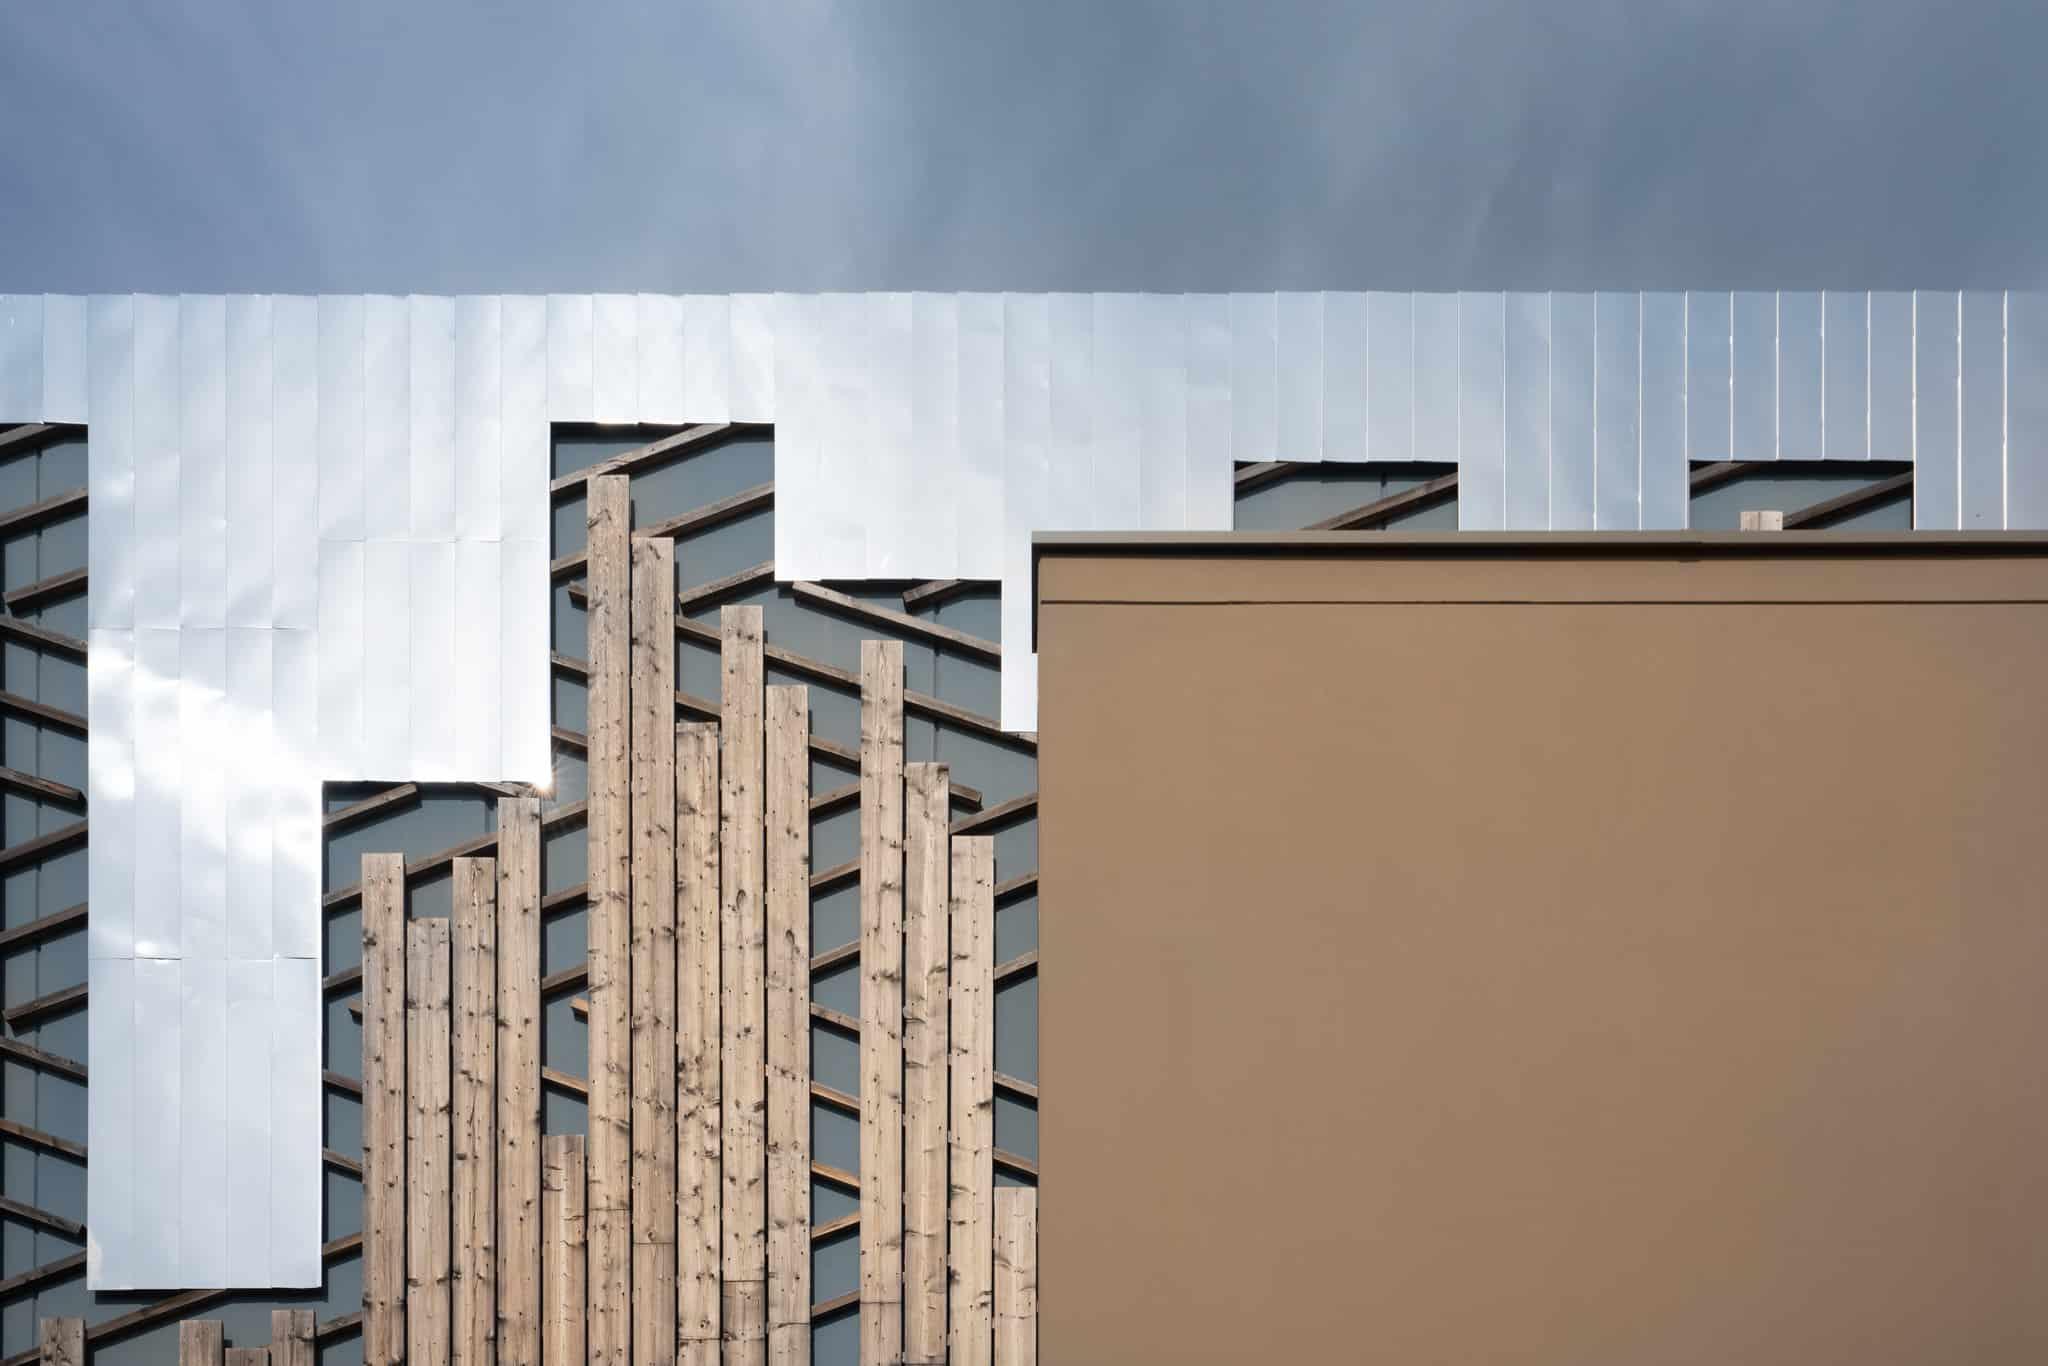 Bardage béton metal et bois à Strasbourg - photographe architecture